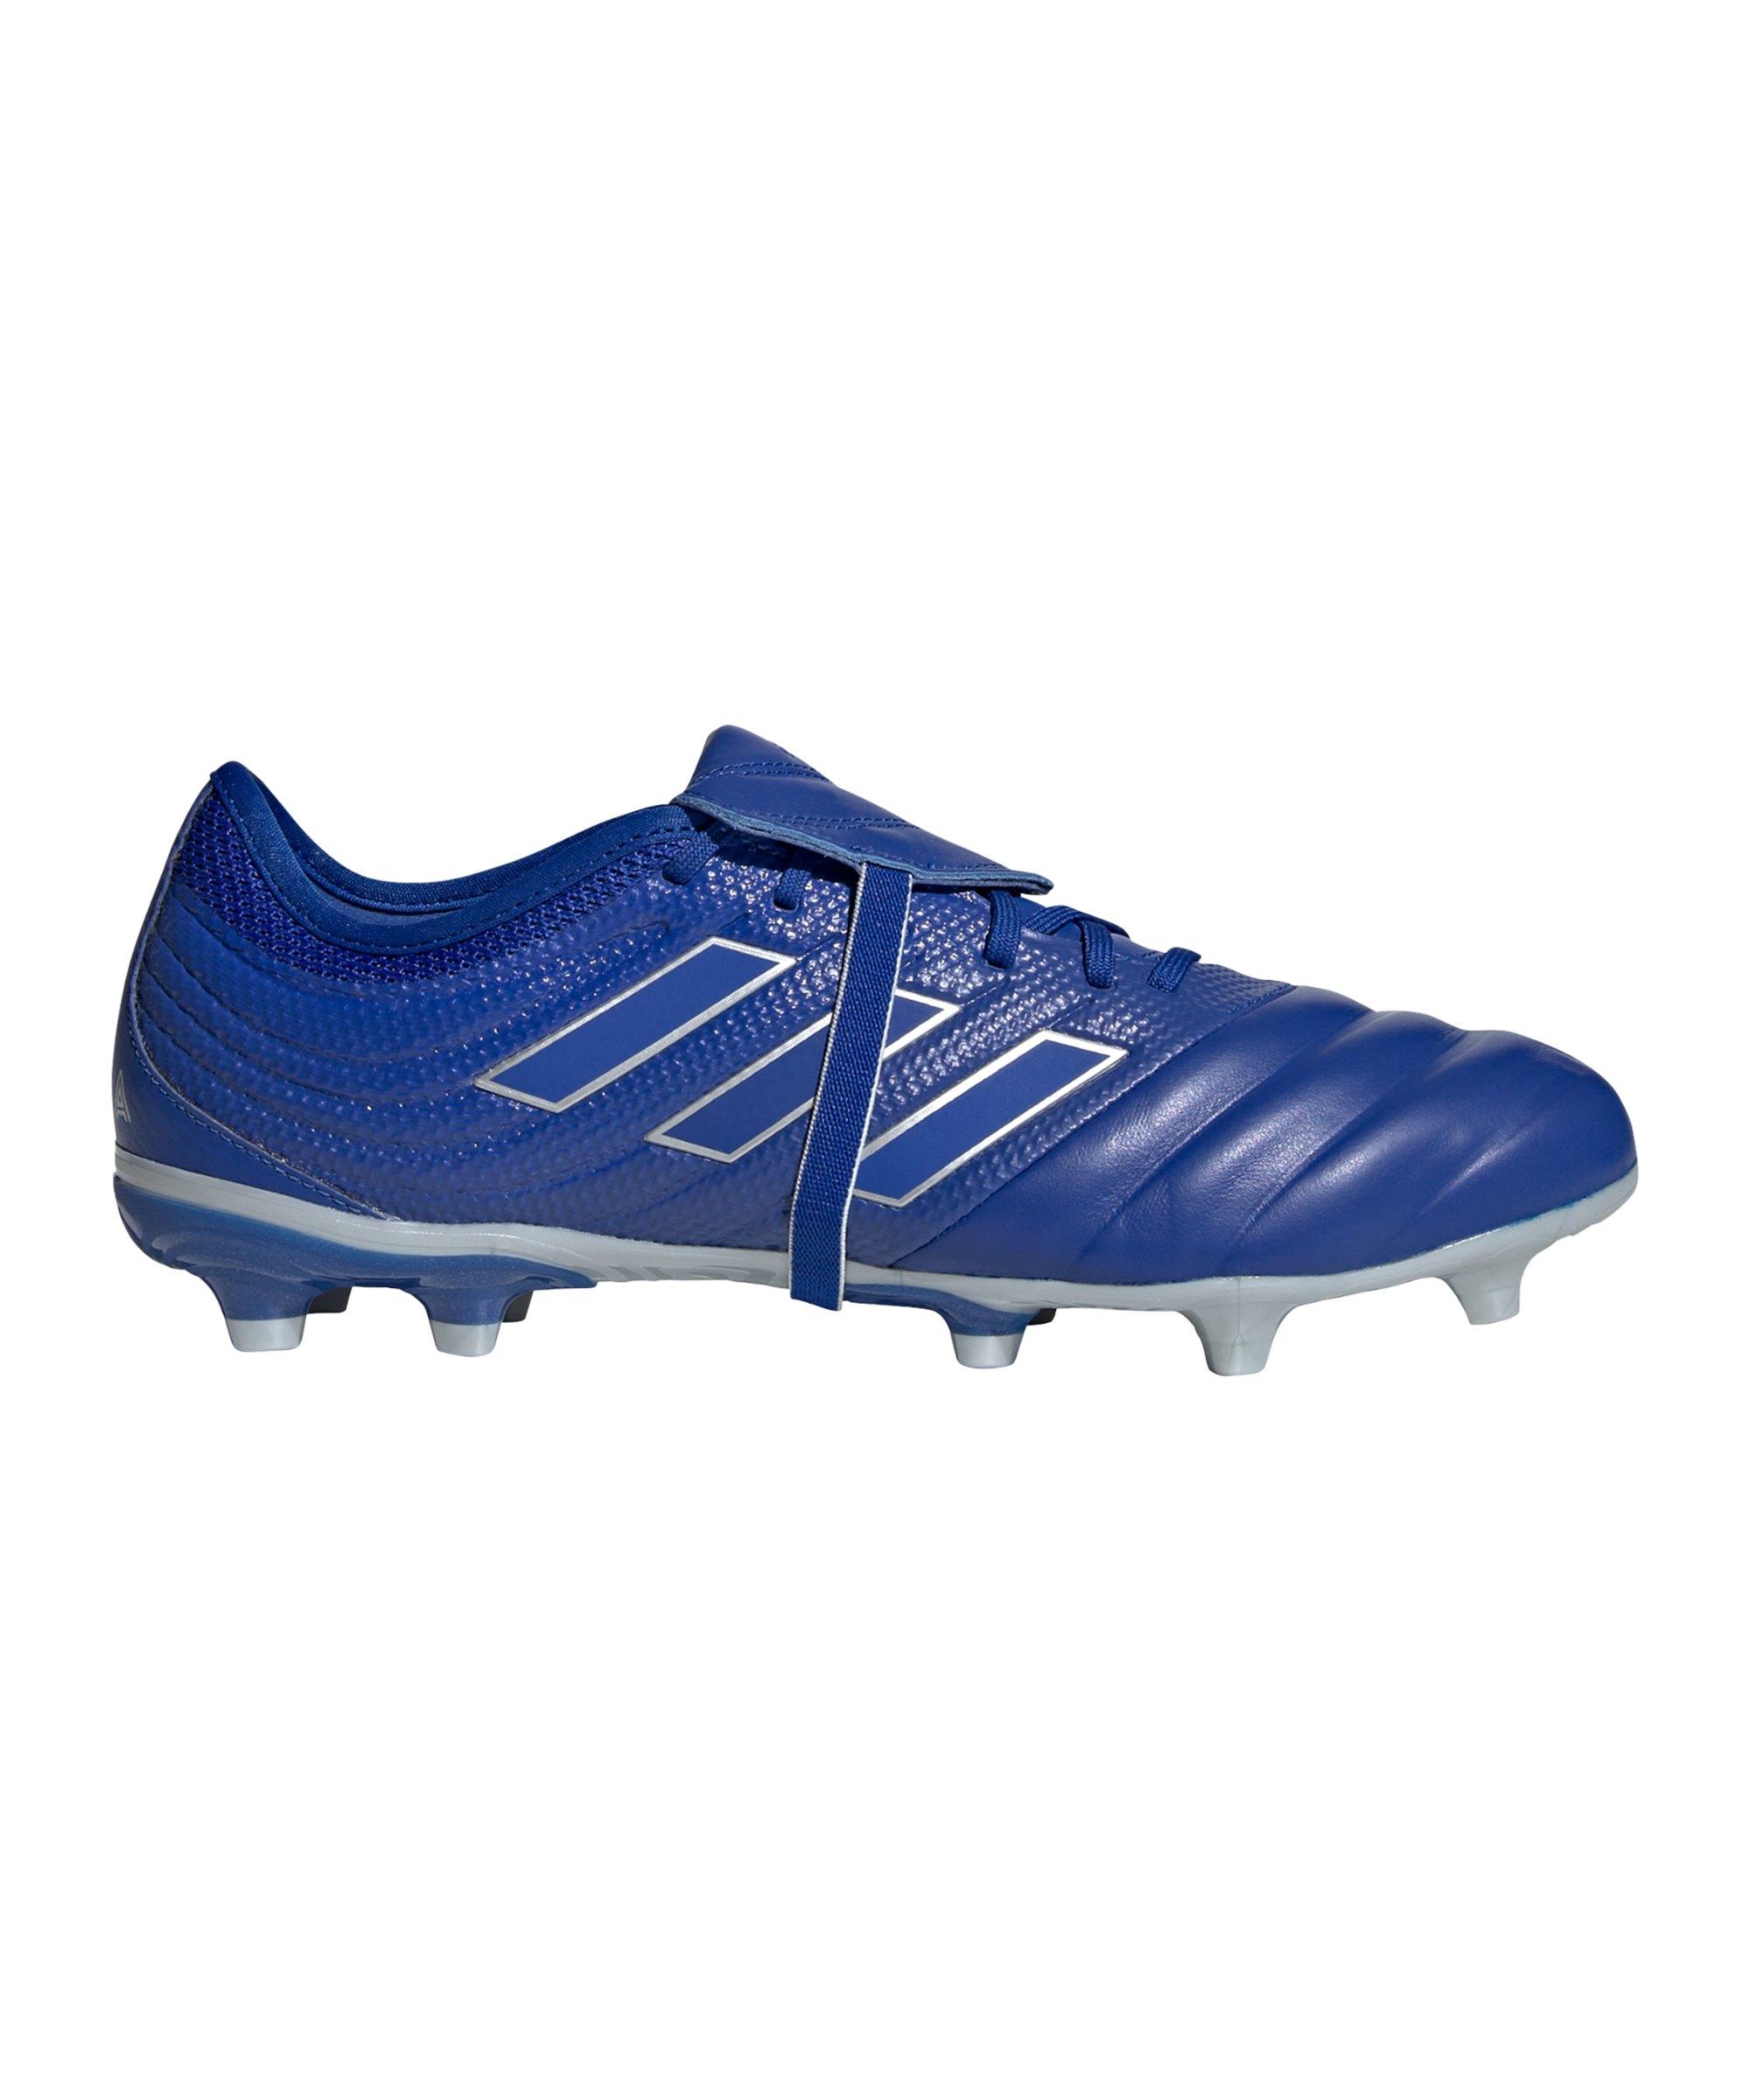 adidas COPA Gloro Inflight 20.2 FG Blau Silber - blau